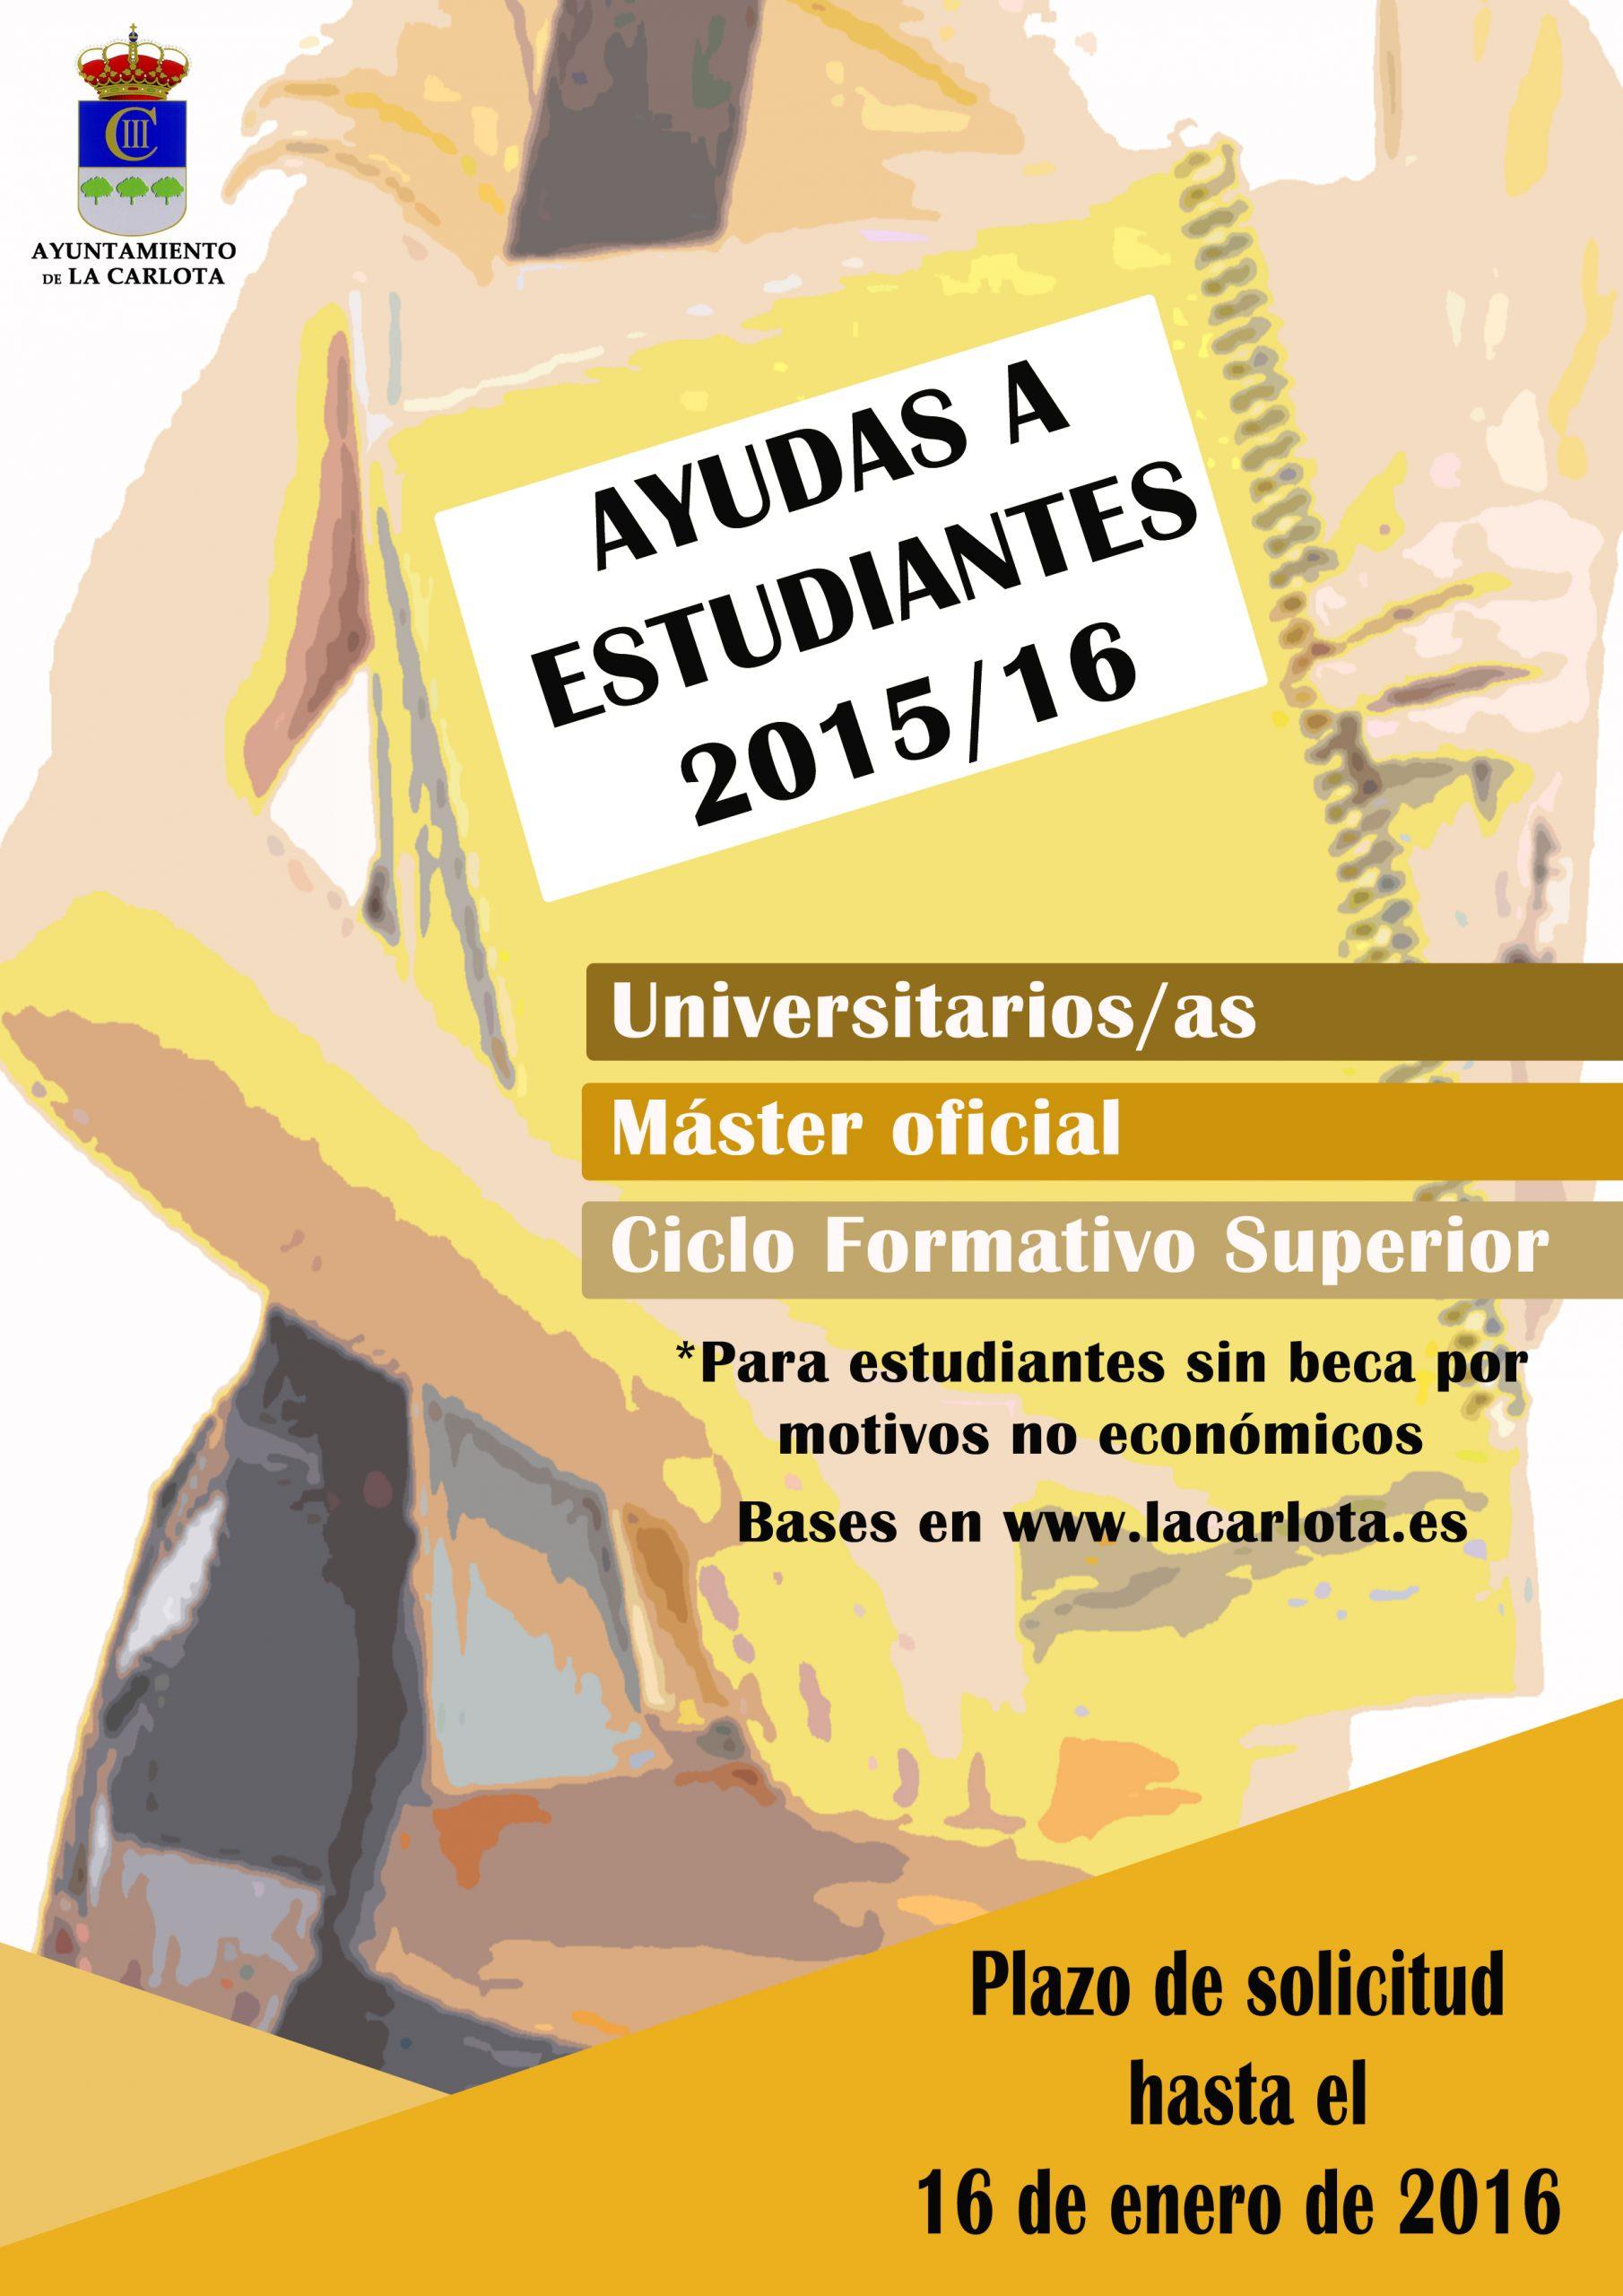 ANUNCIO.- BASES DE LAS AYUDAS 2015-2016 A ESTUDIANTES UNIVERSITARIOS, MÁSTERES OFICIALES Y CICLOS FORMATIVOS DE GRADO SUPERIOR 1